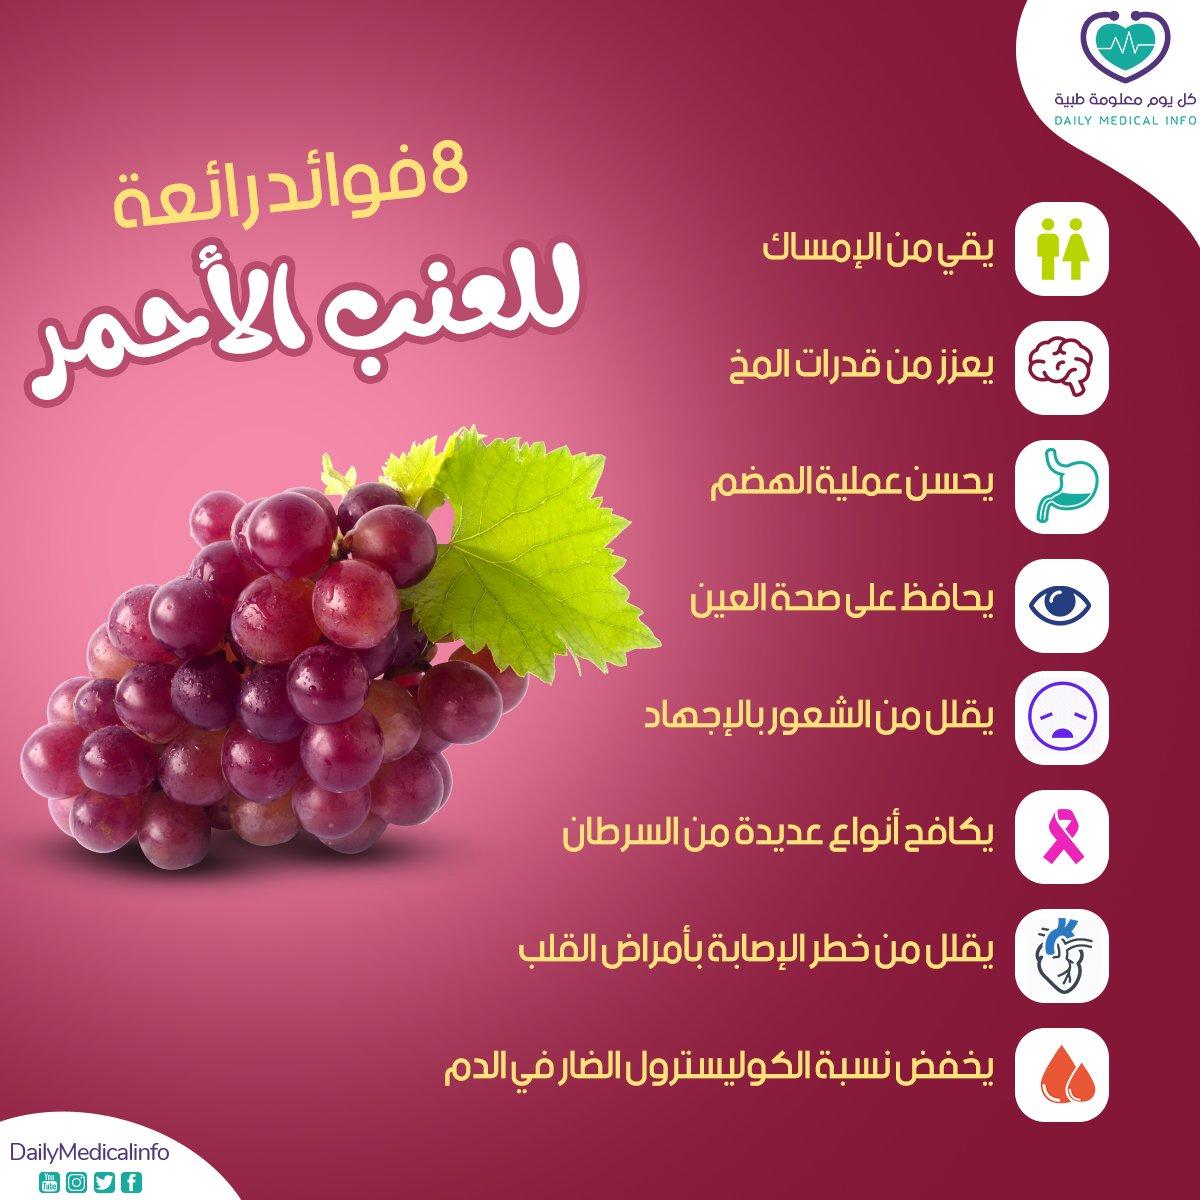 8 فوائد رائعة للعنب الأحمر